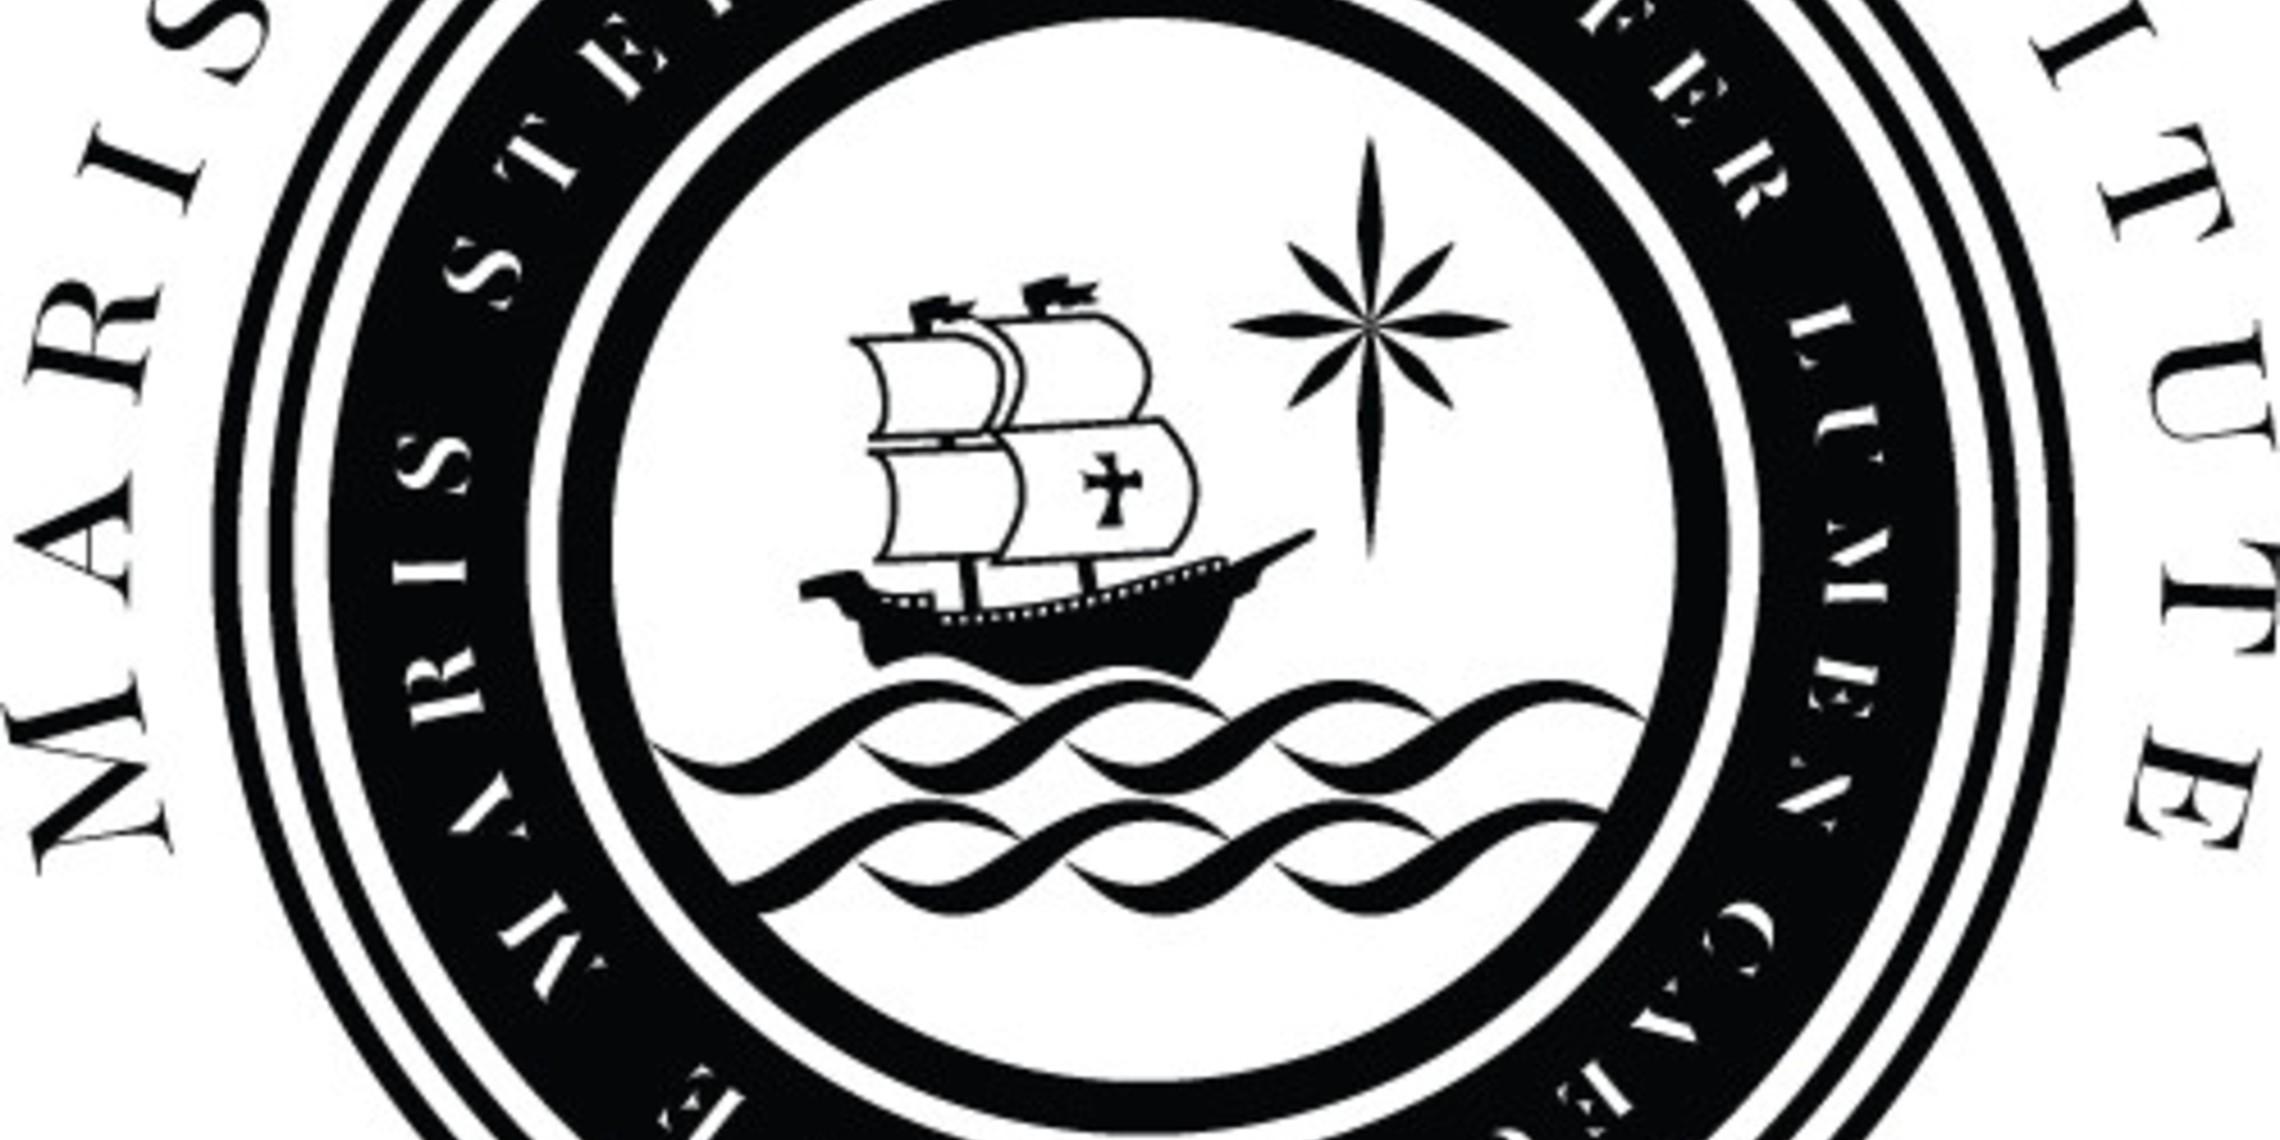 Maris Stella Institute Seal